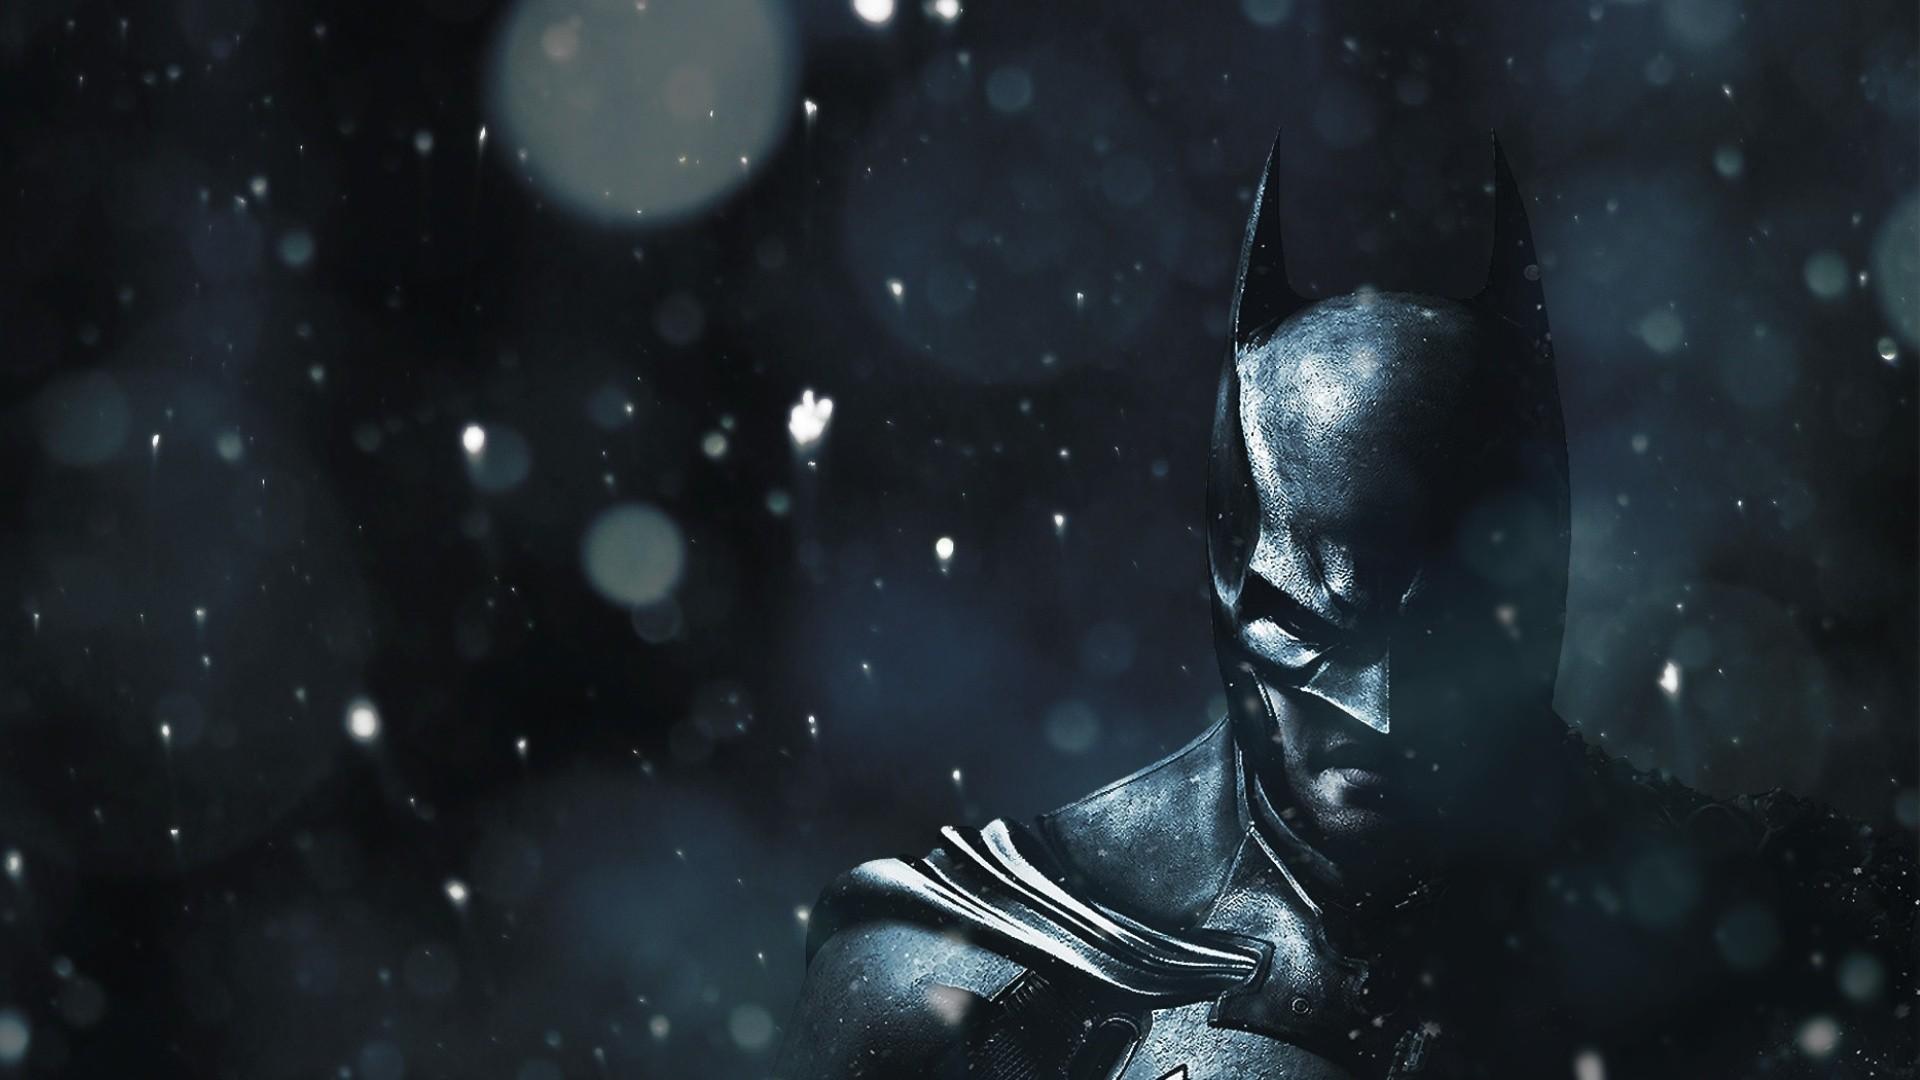 Batman Arkham Origins Game WALLPAPER 1920x1080